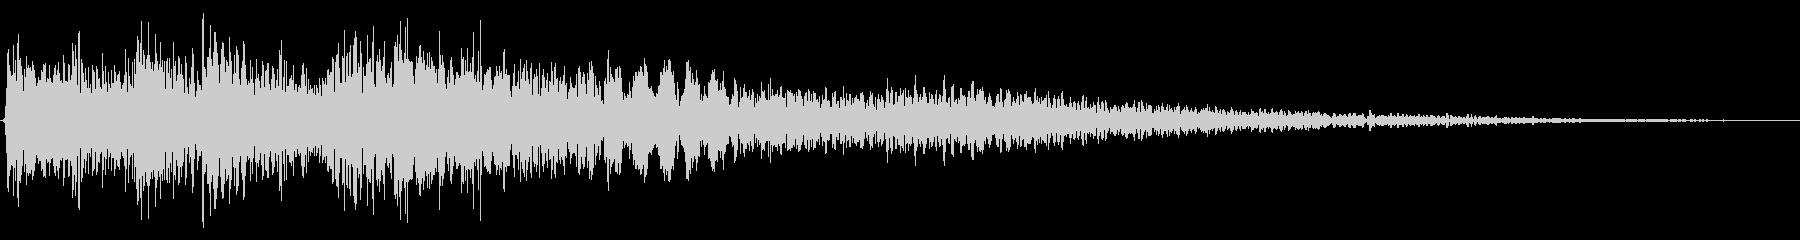 ハープの場面転換音 切り替え 転回音の未再生の波形